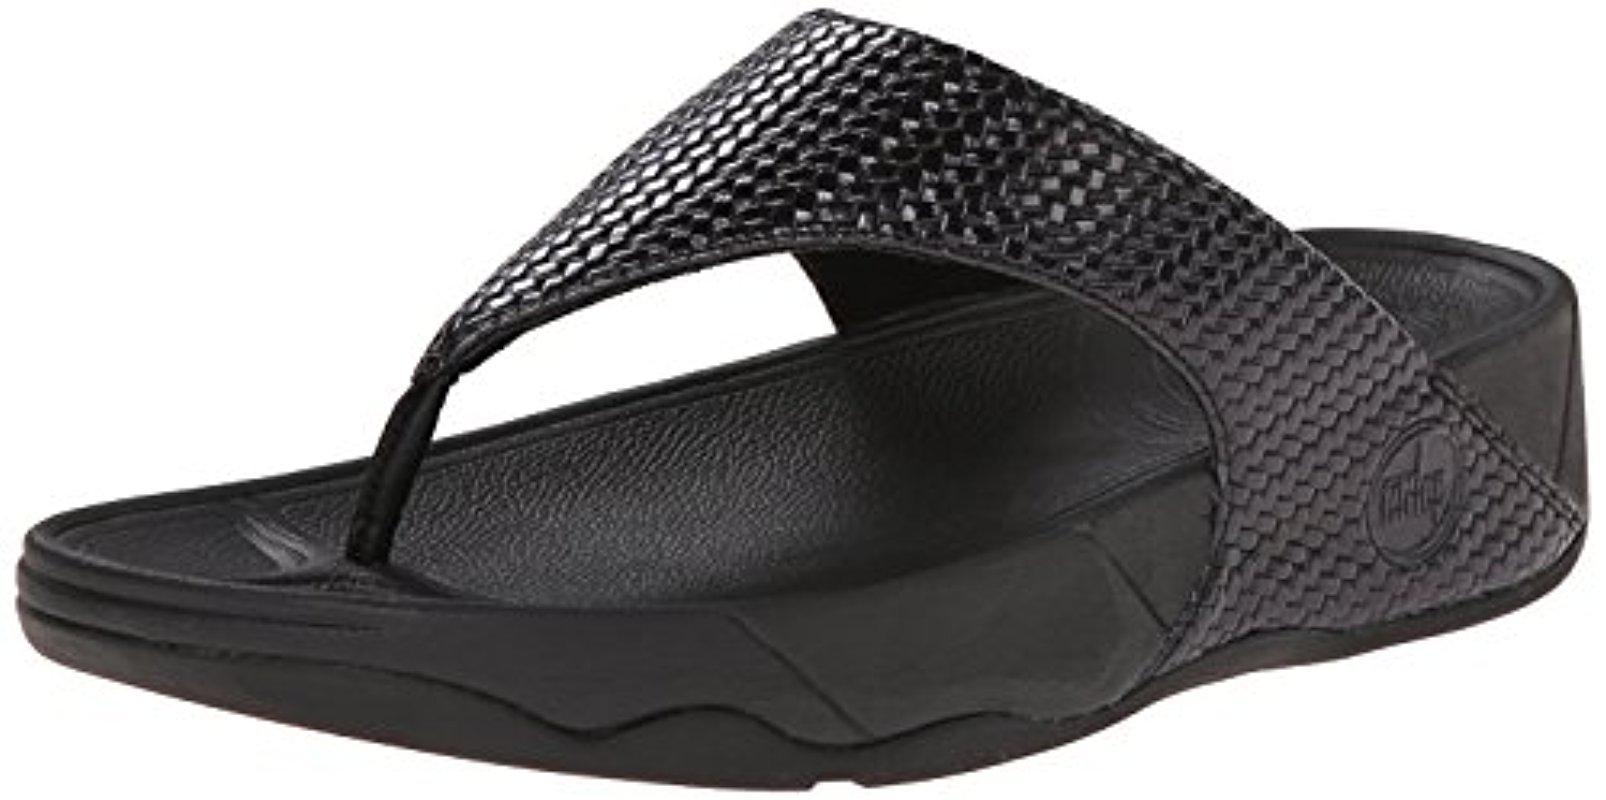 312f30df7d03a2 Lyst - Fitflop Lulu Weave Flip-flop in Black